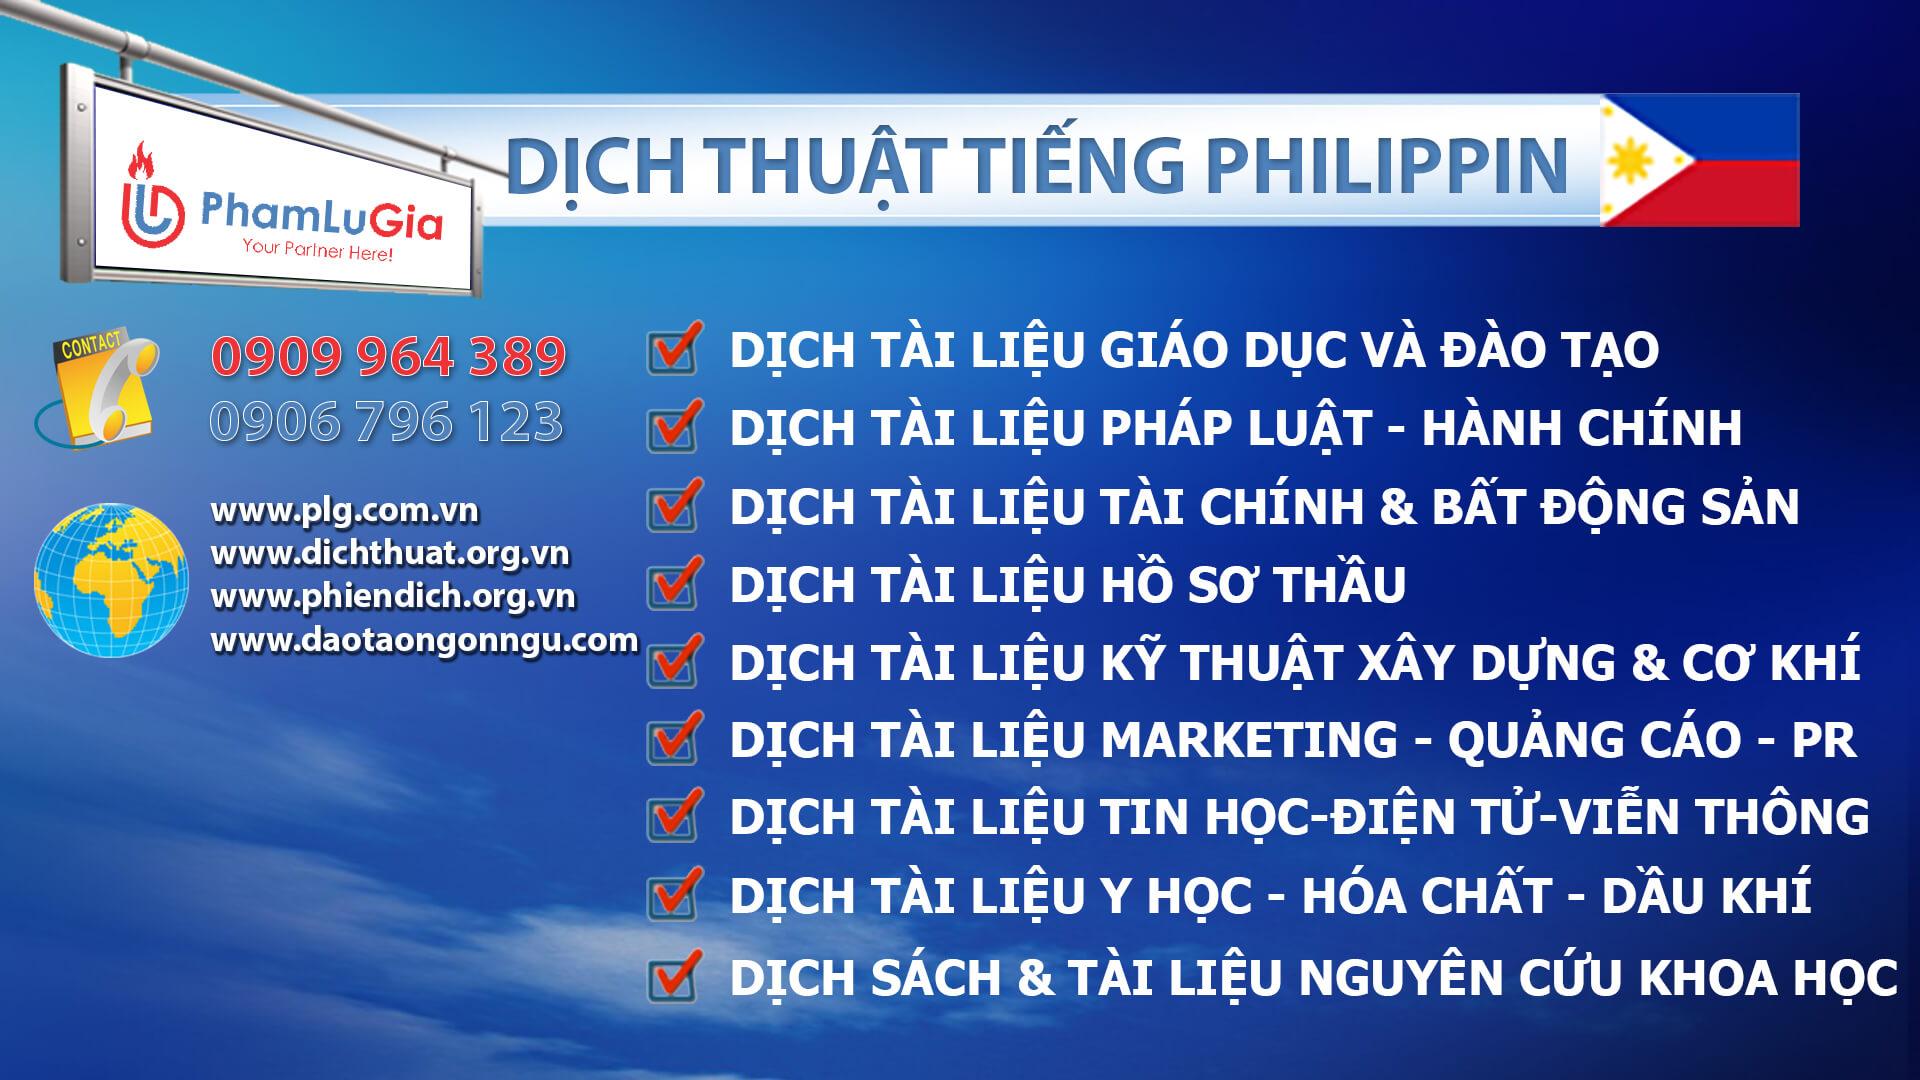 Dịch thuật tiếng Philippin chuyên nghiệp